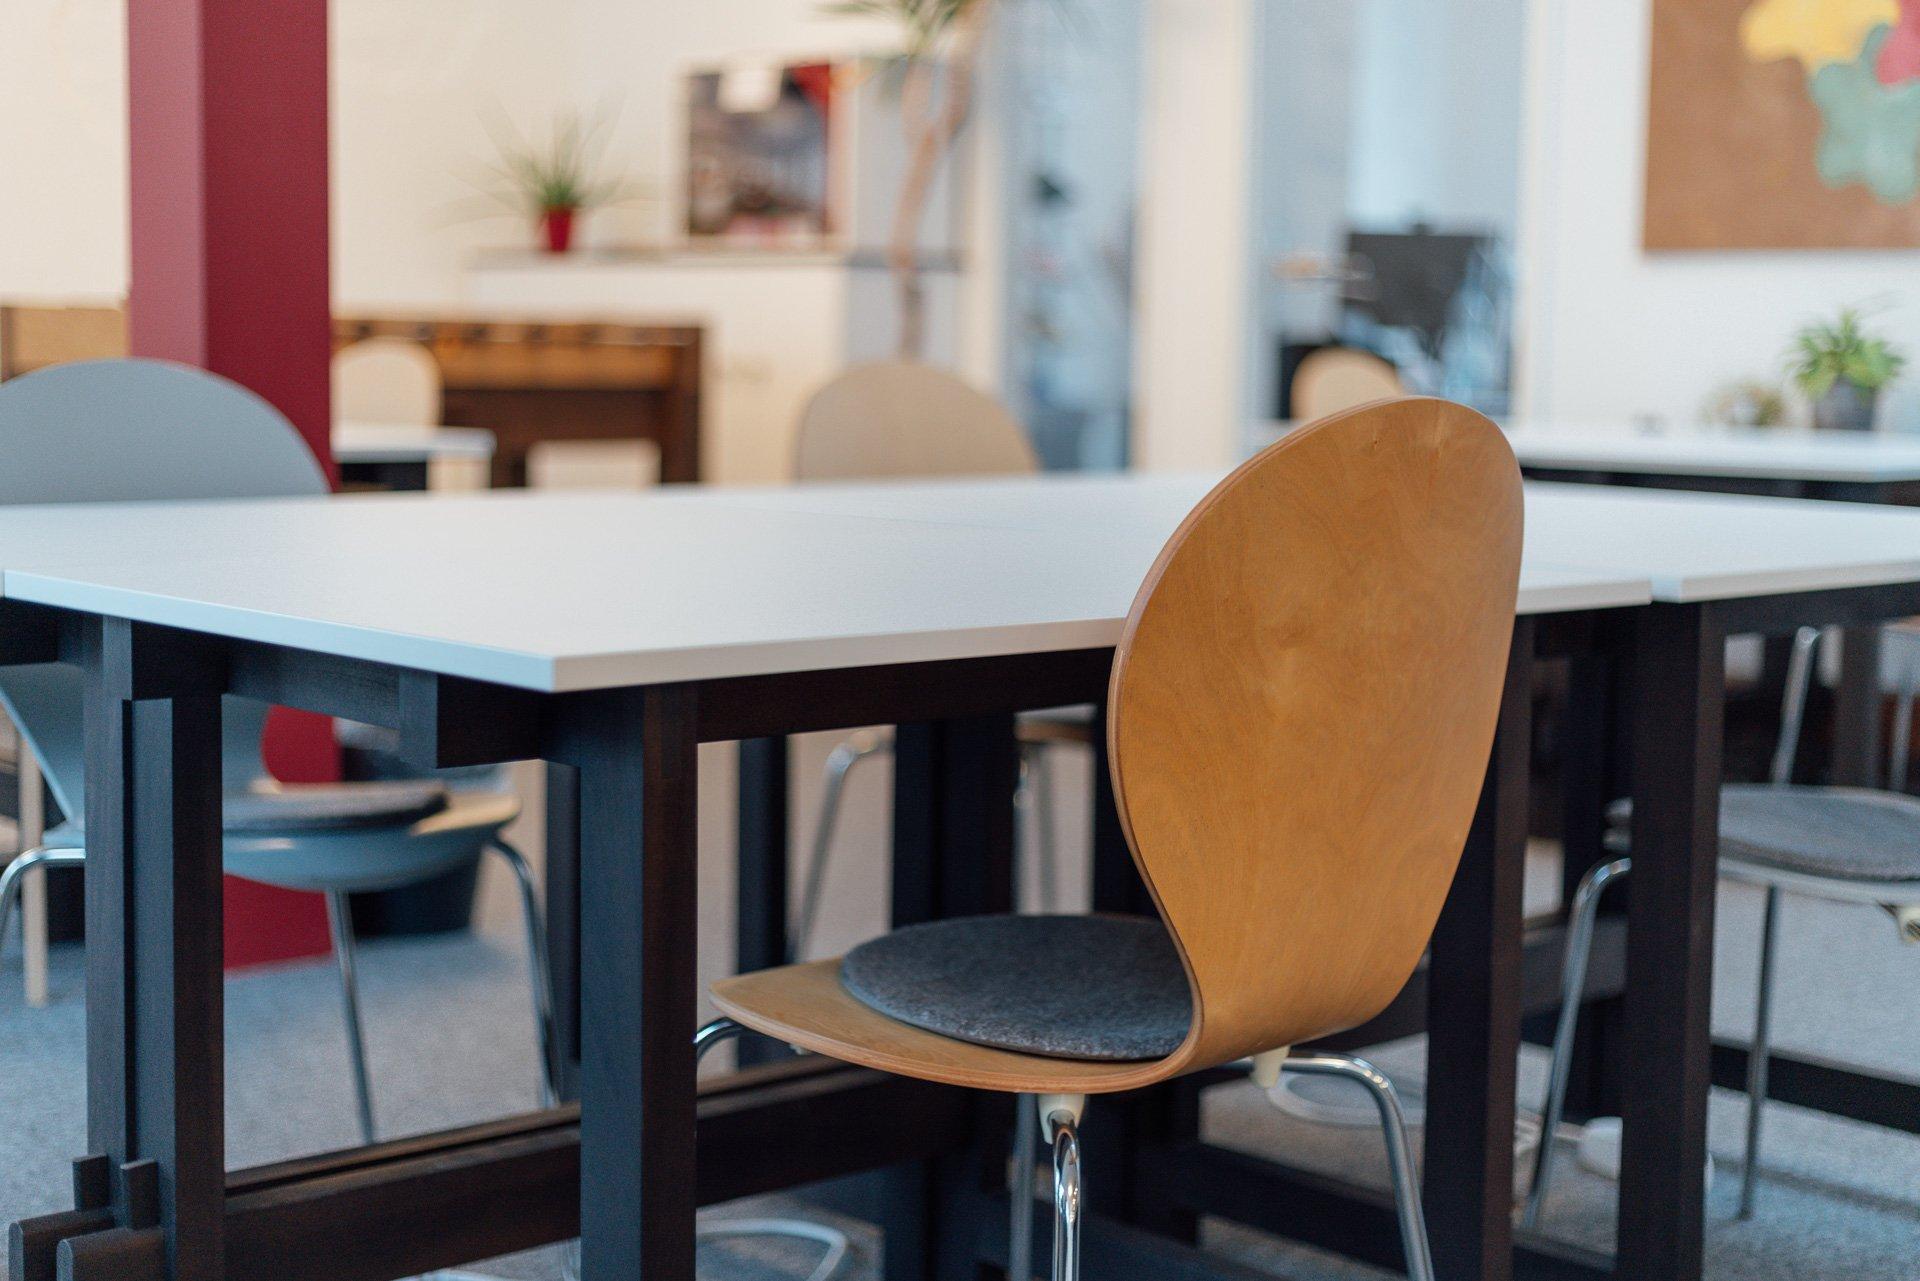 Flex Desks am Fenster